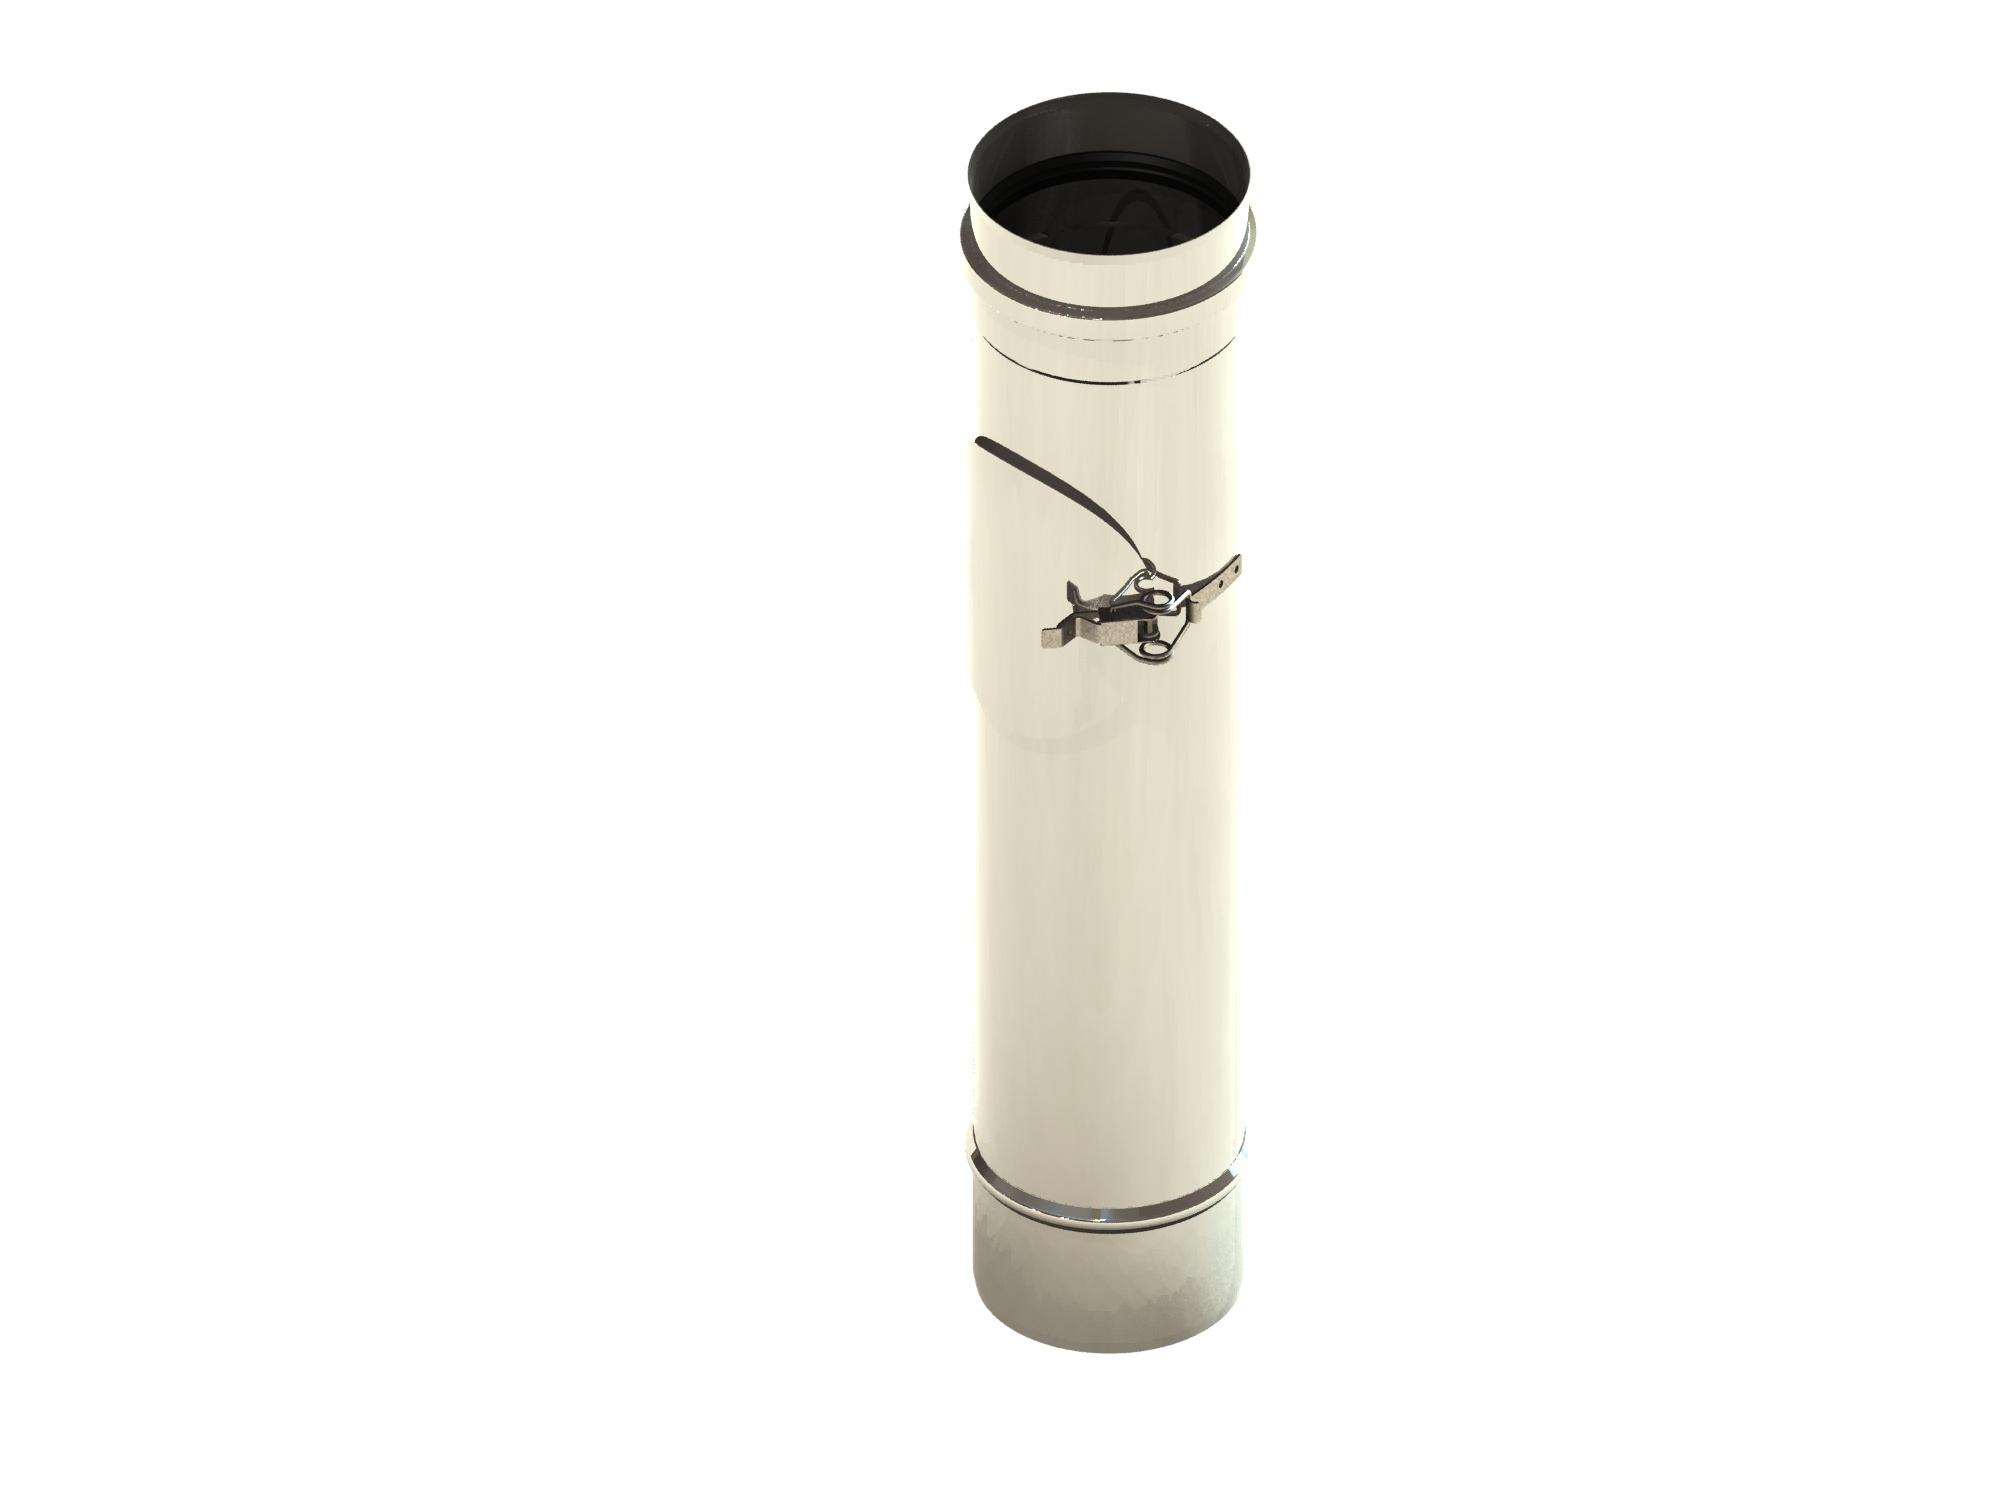 Lengte-element 500 mm met onderhoudsluik, ongelakt